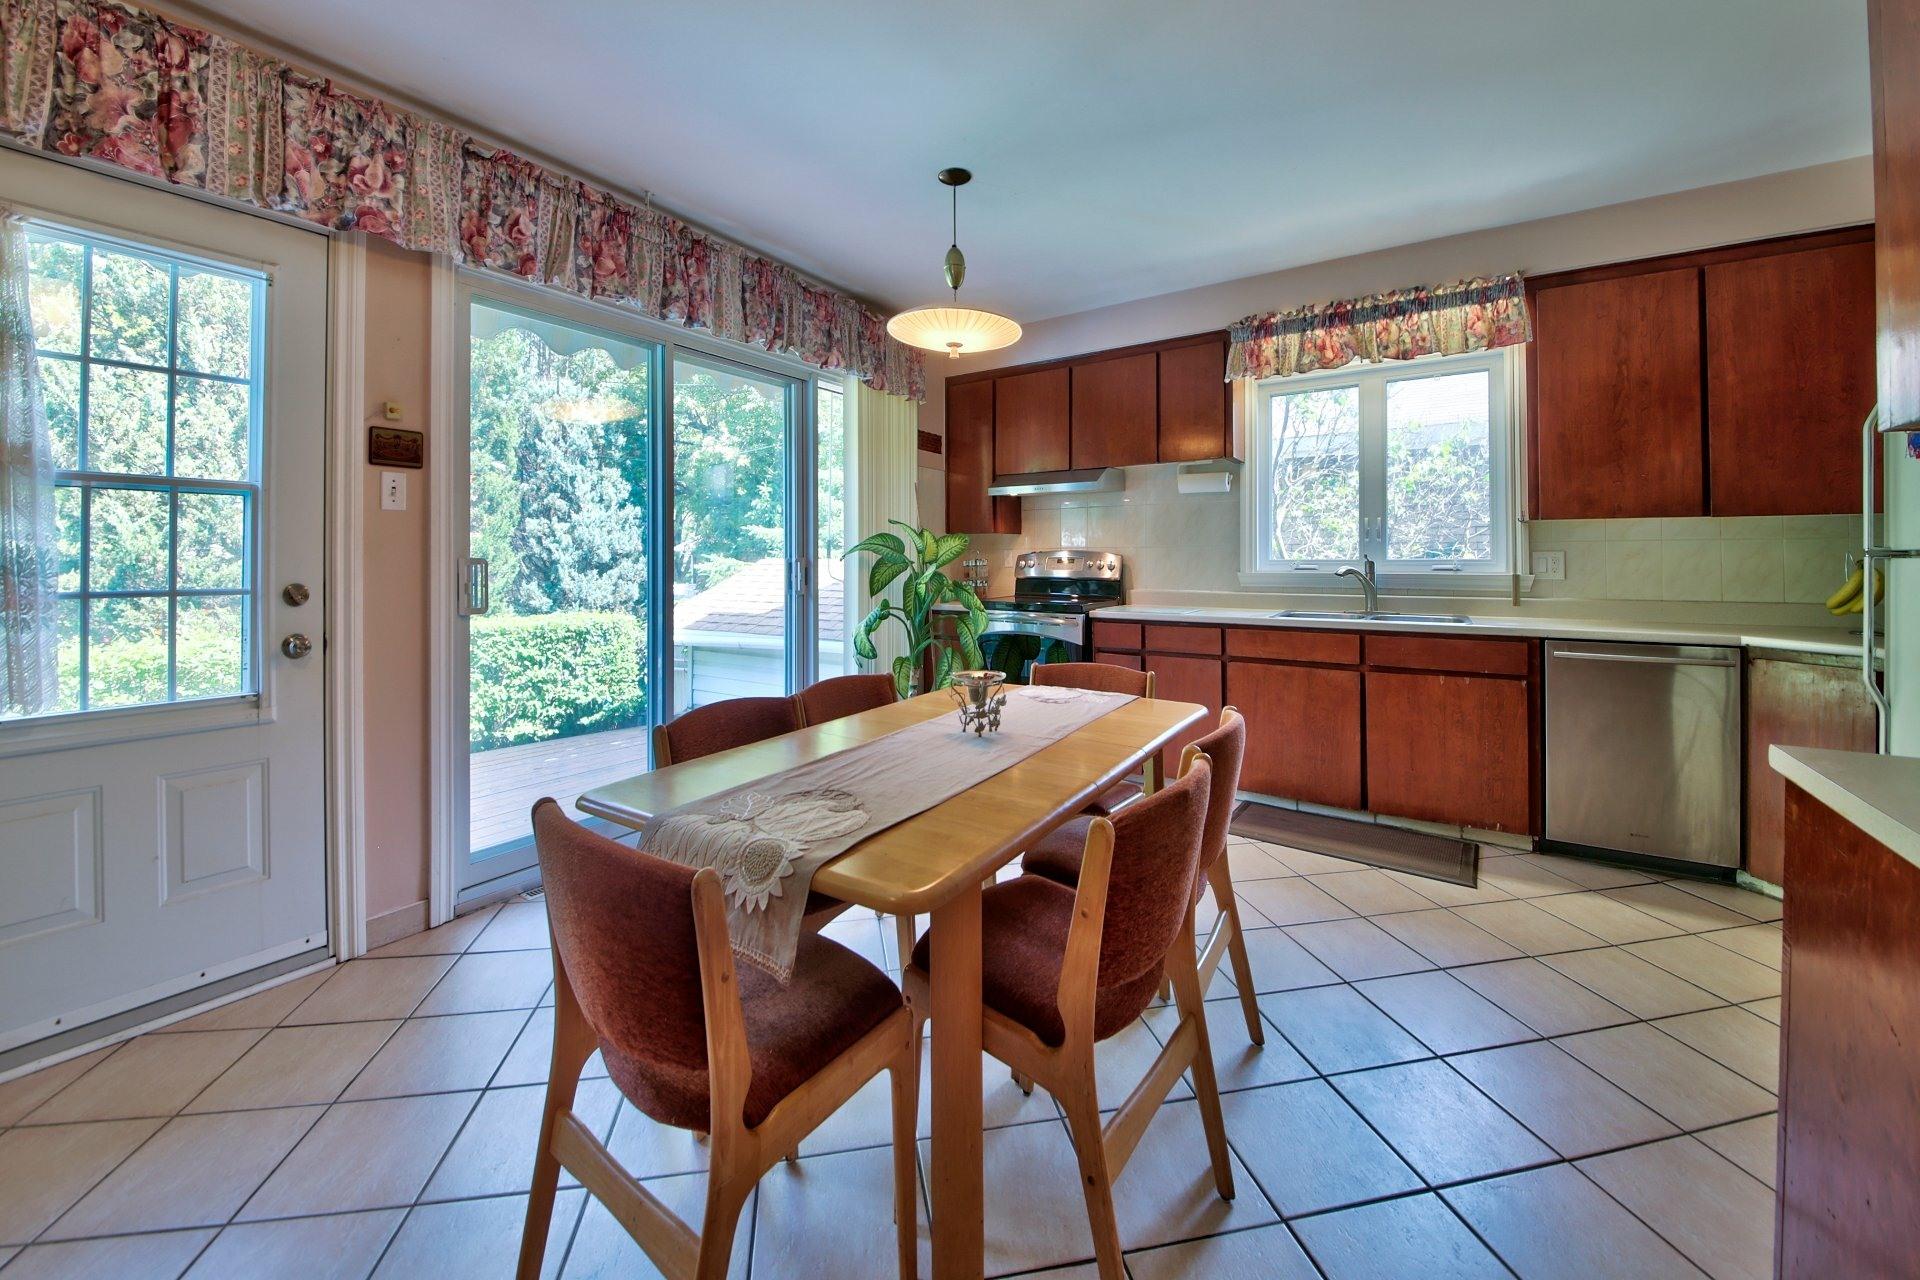 image 10 - House For sale Ahuntsic-Cartierville Montréal  - 11 rooms